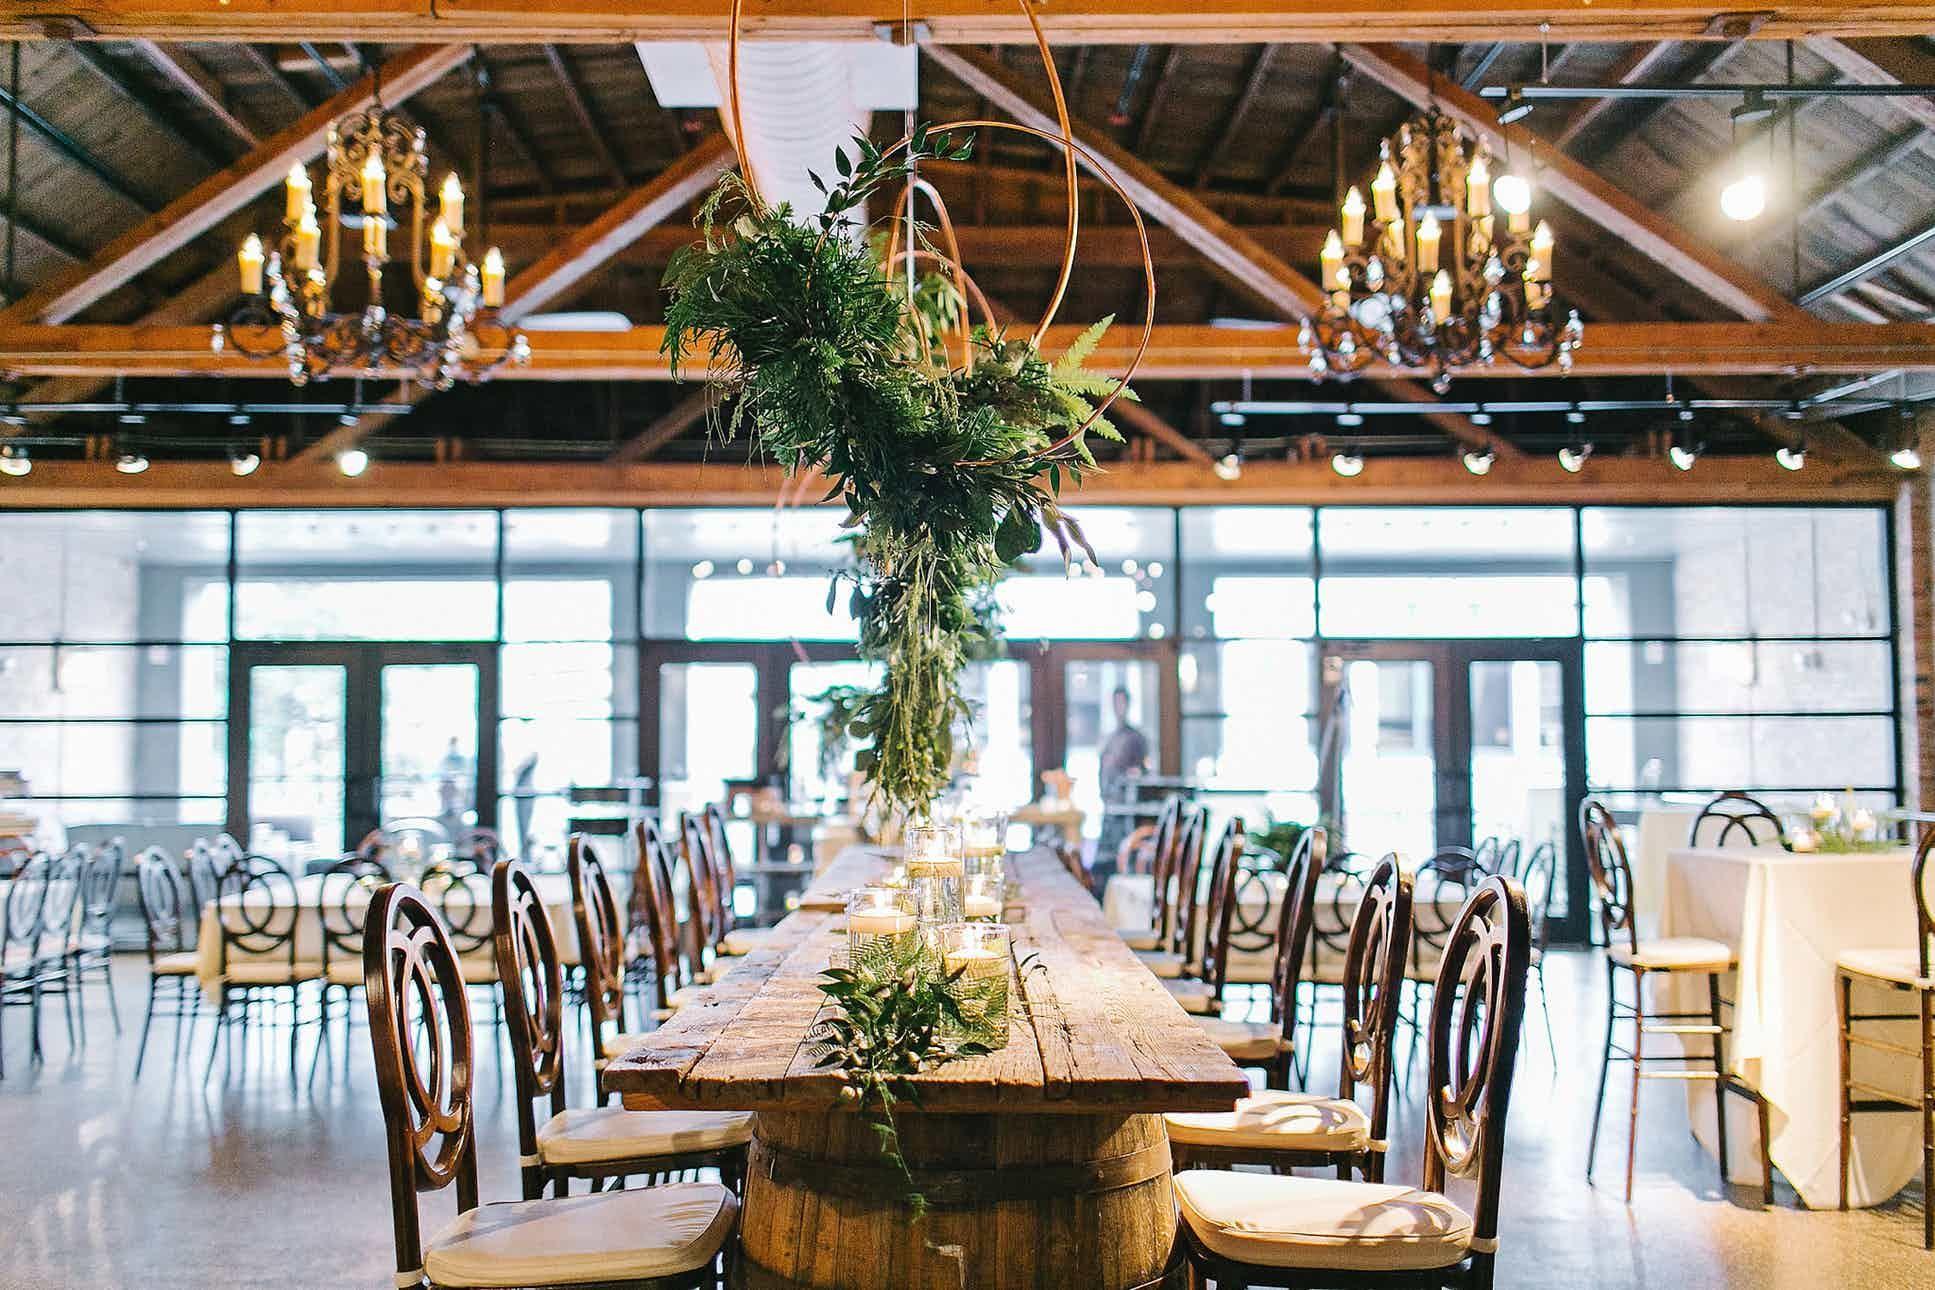 The Venue Weddings Asheville Wedding Venue Asheville Nc 28801 Asheville Wedding Venue Asheville Wedding Wedding Venues North Carolina